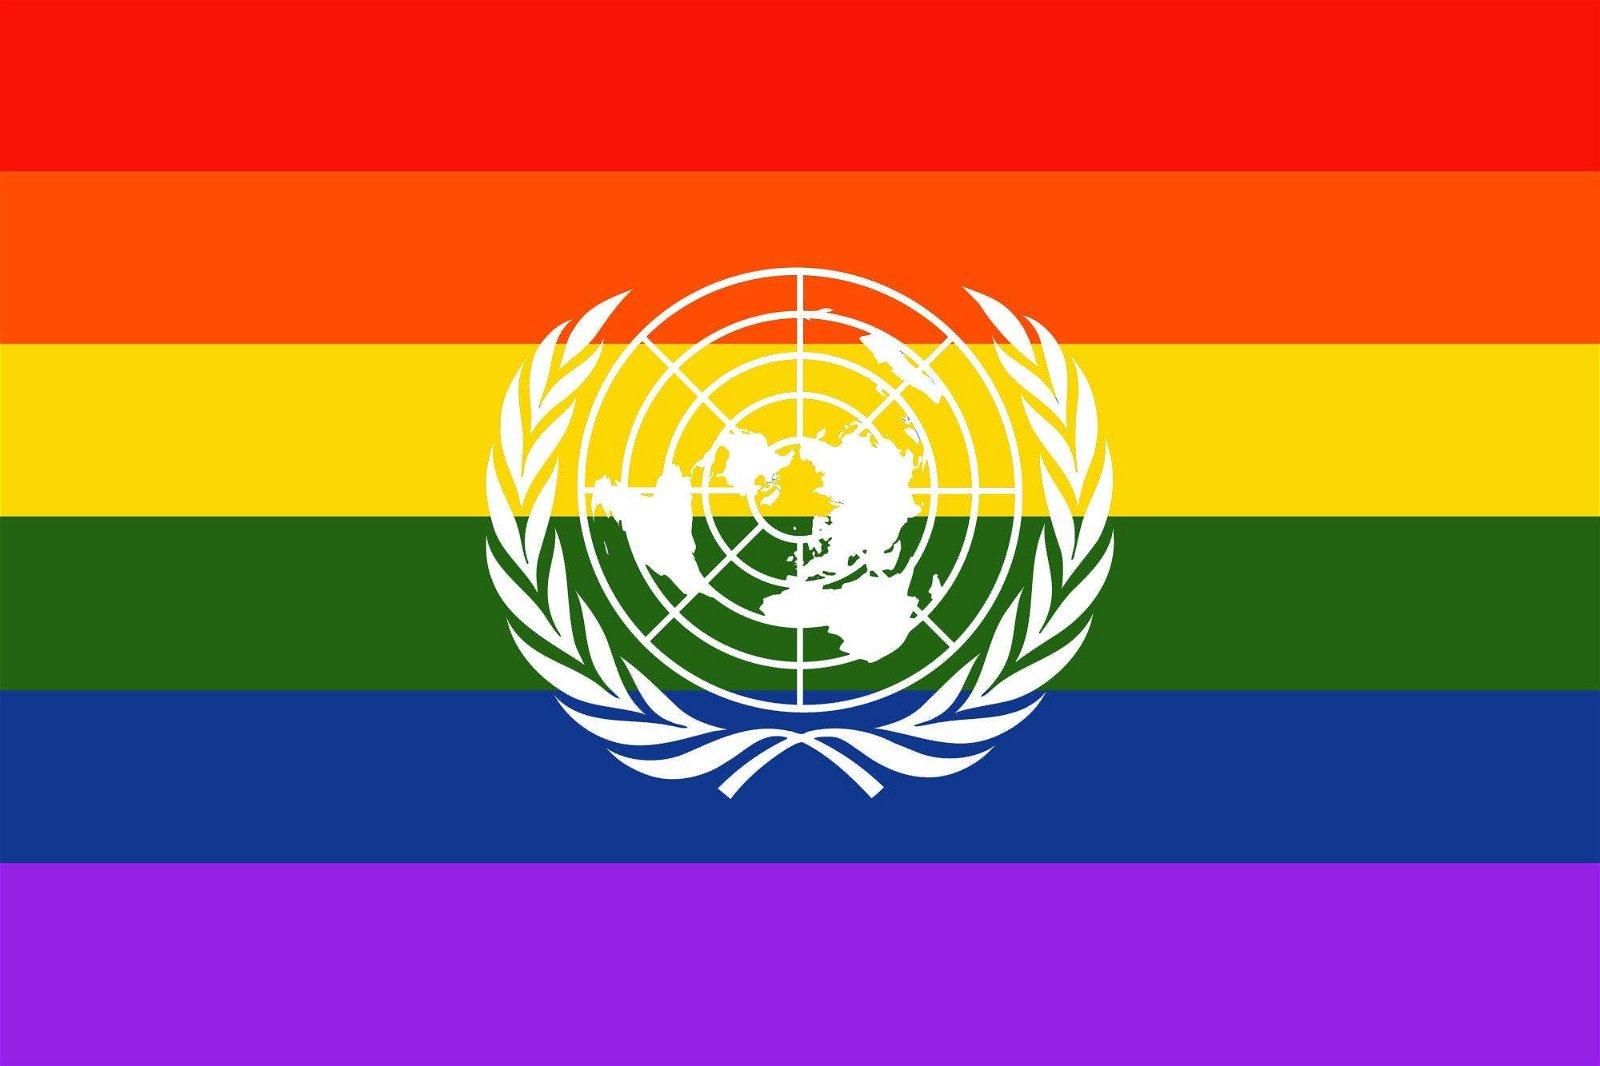 El gobierno de Trump rechaza una resolución de la ONU que afecta a la comunidad LGBTQ